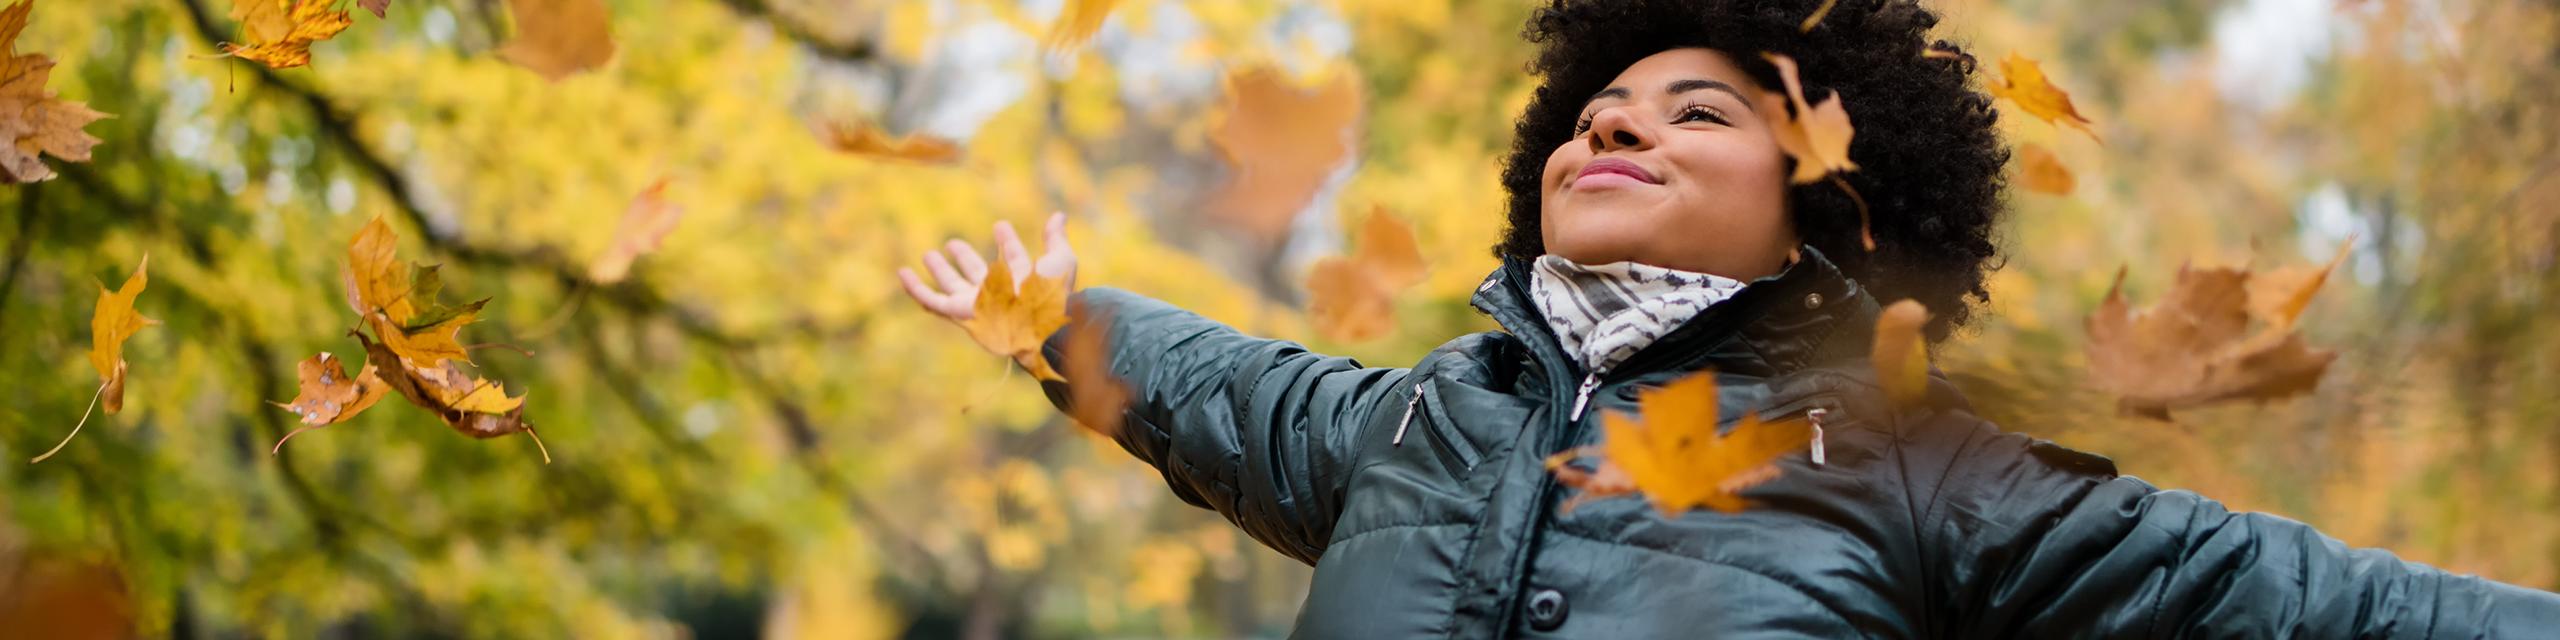 Solo slim: 6 voordelen van single zijn in de herfst